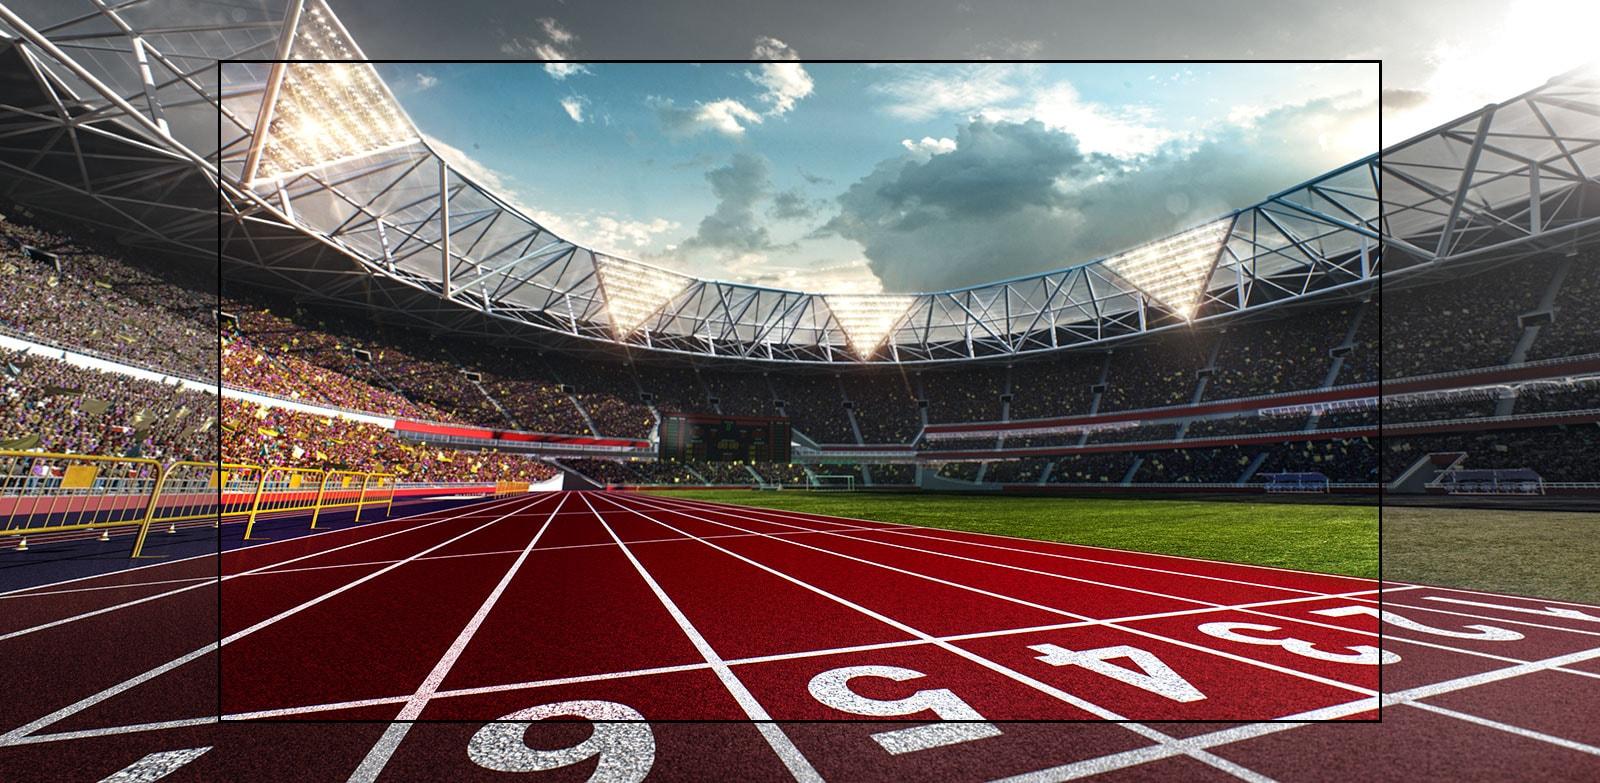 Televizní obrazovka se stadionem adetailním pohledem na běžeckou dráhu. Stadion je plný diváků.